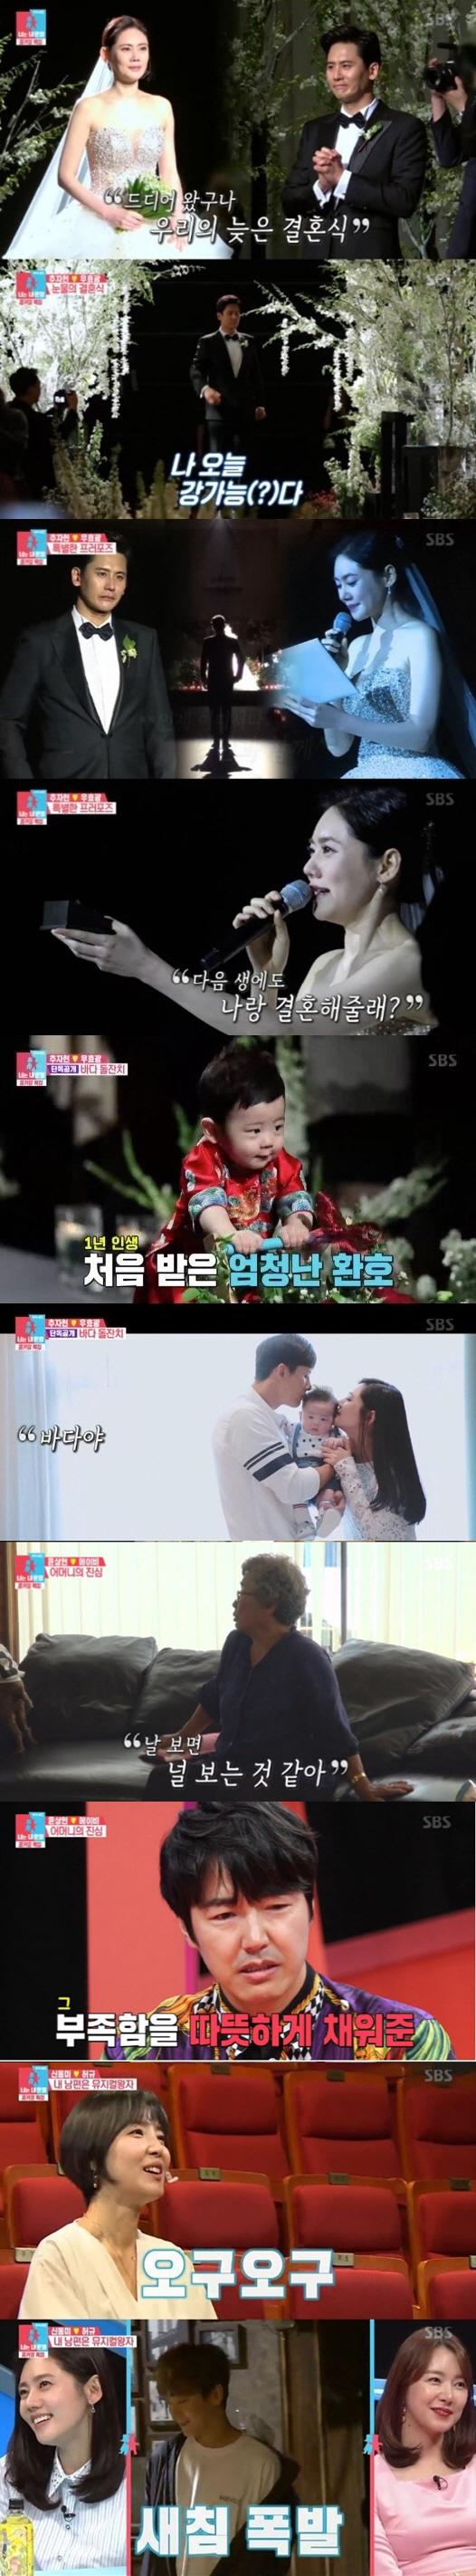 추우부부 결혼식+아들 공개 '동상이몽2', 12.9% 올해 최고시청률